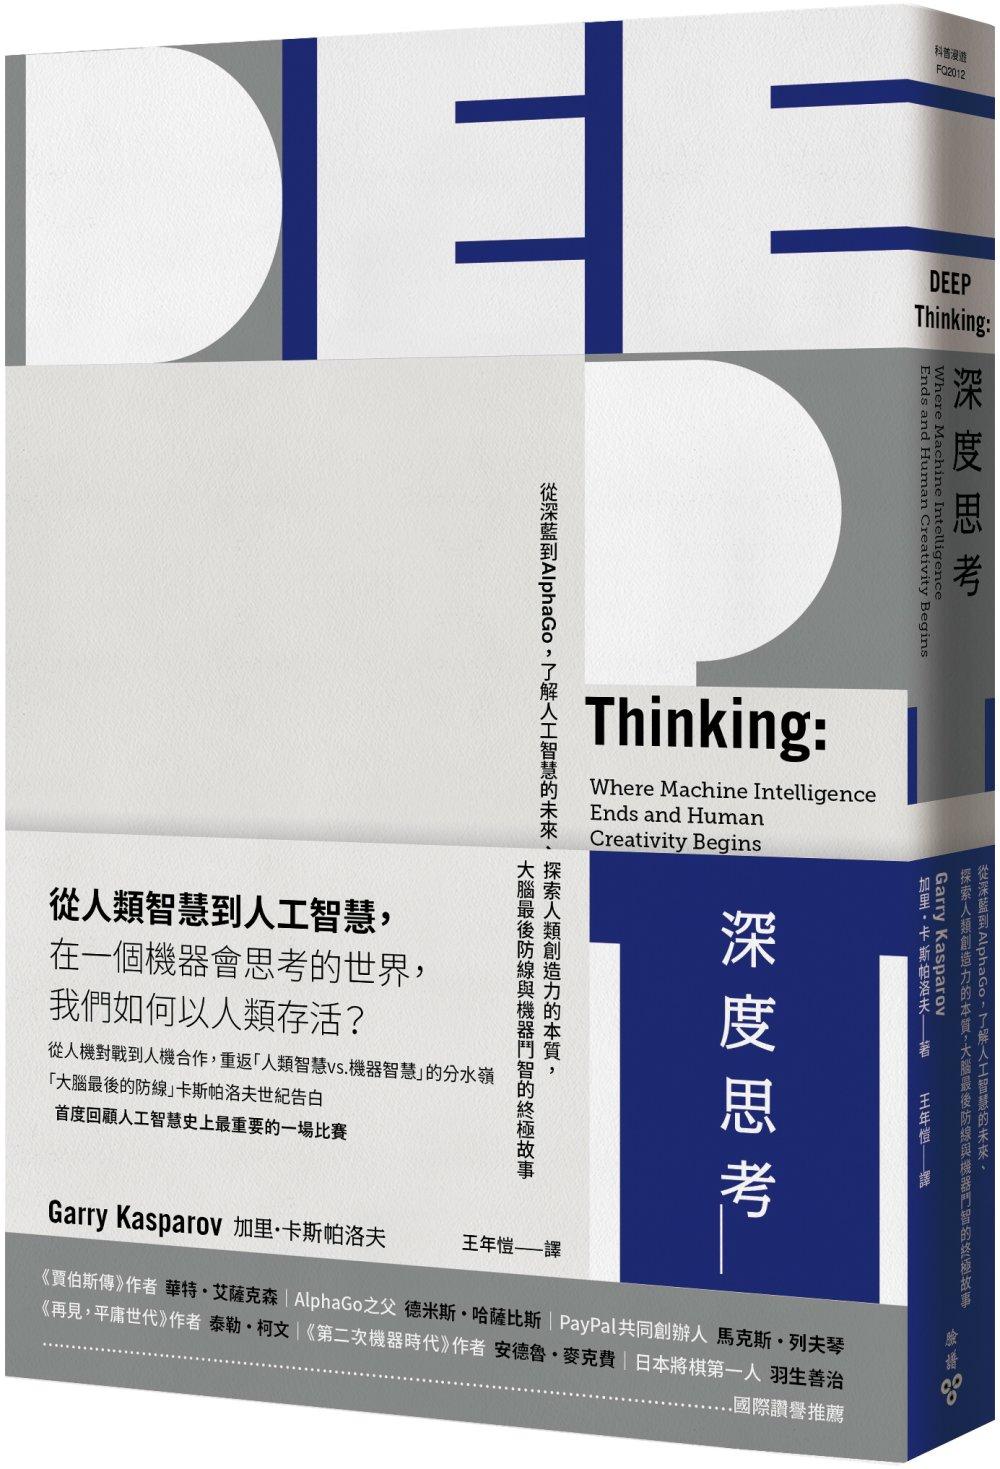 深度思考:從深藍到AlphaGo,了解人工智慧的未來、探索人類創造力的本質,大腦最後防線與機器鬥智的終極故事